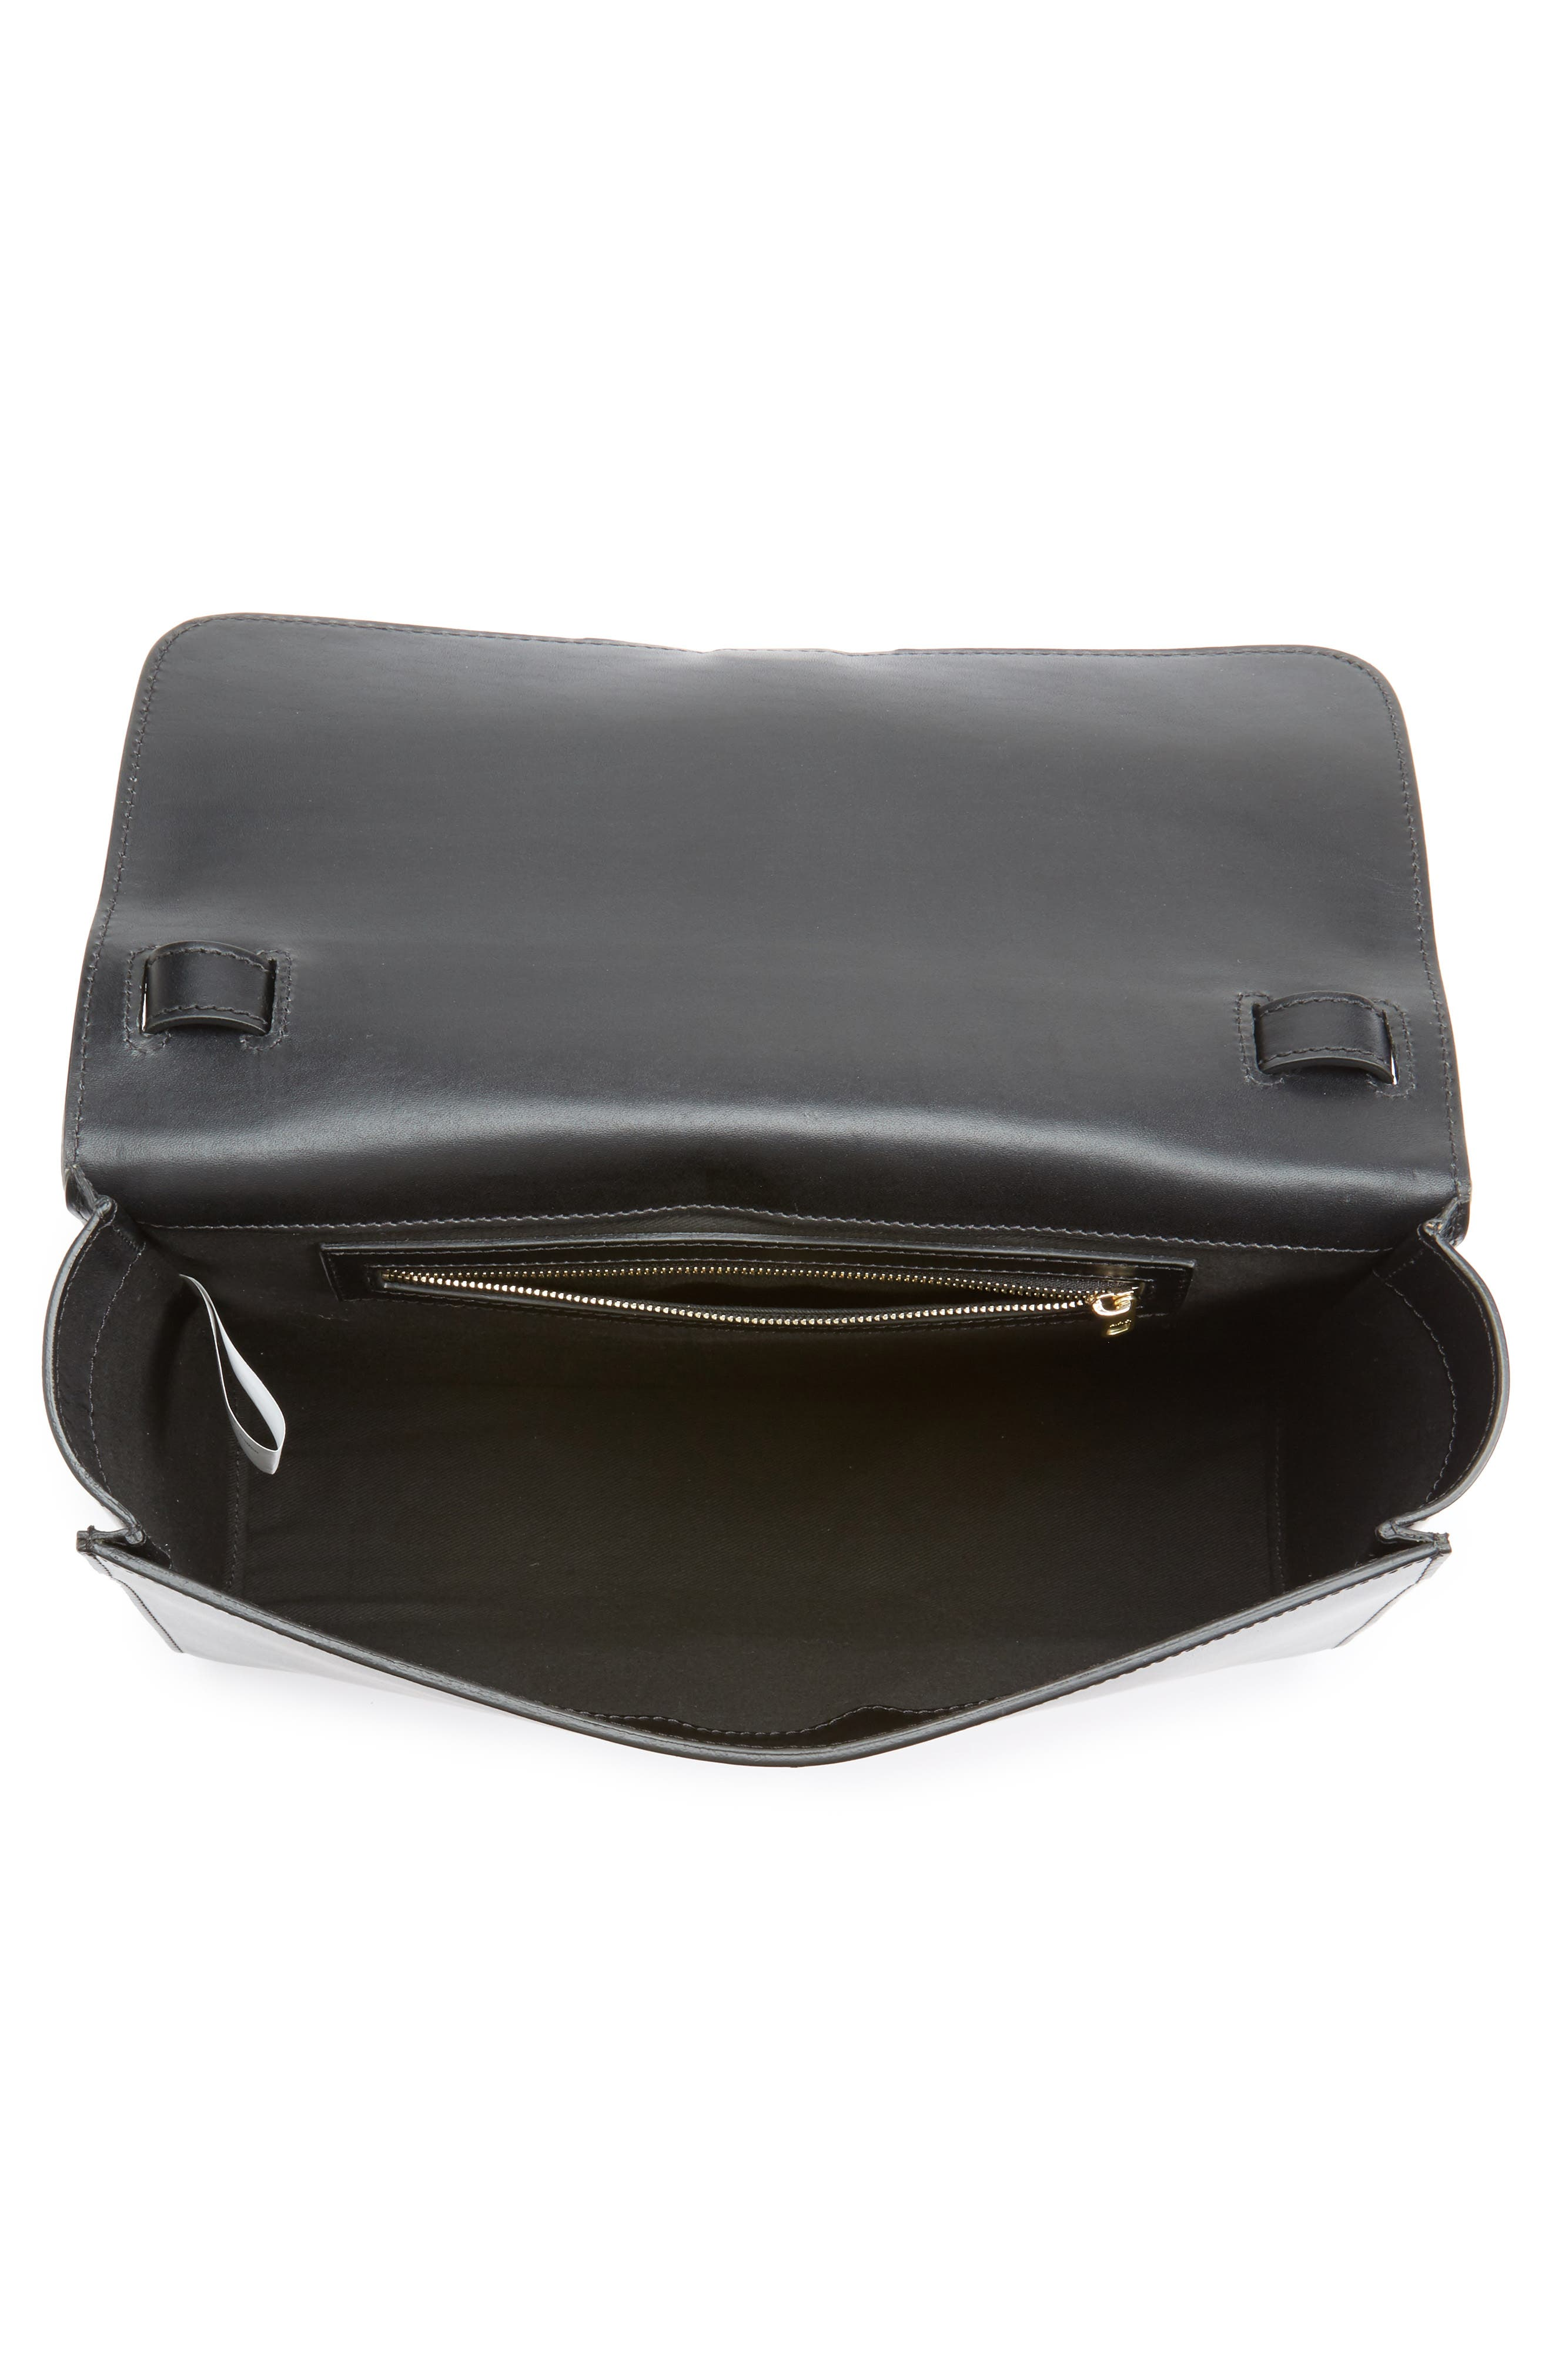 Katy Calfskin Leather Messenger Bag,                             Alternate thumbnail 3, color,                             Noir